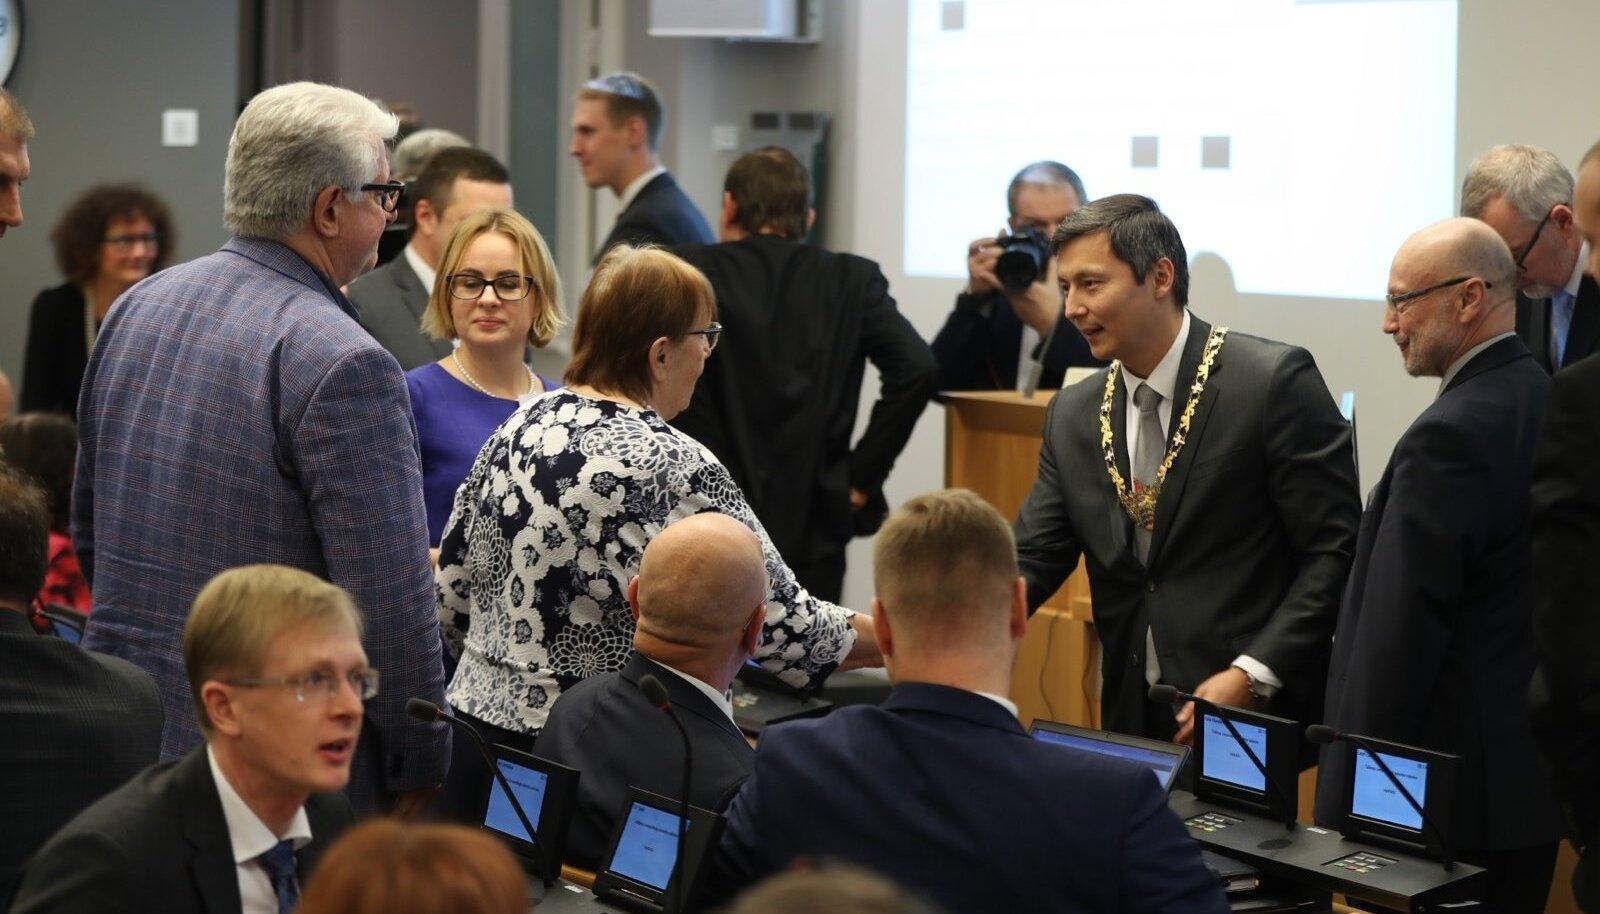 Tallinna volikogu esimesel istungil valiti esimeheks Mihhail Kõlvart. Lisaks loodi koht ka aseesimehele, mille täitis opositsioon.